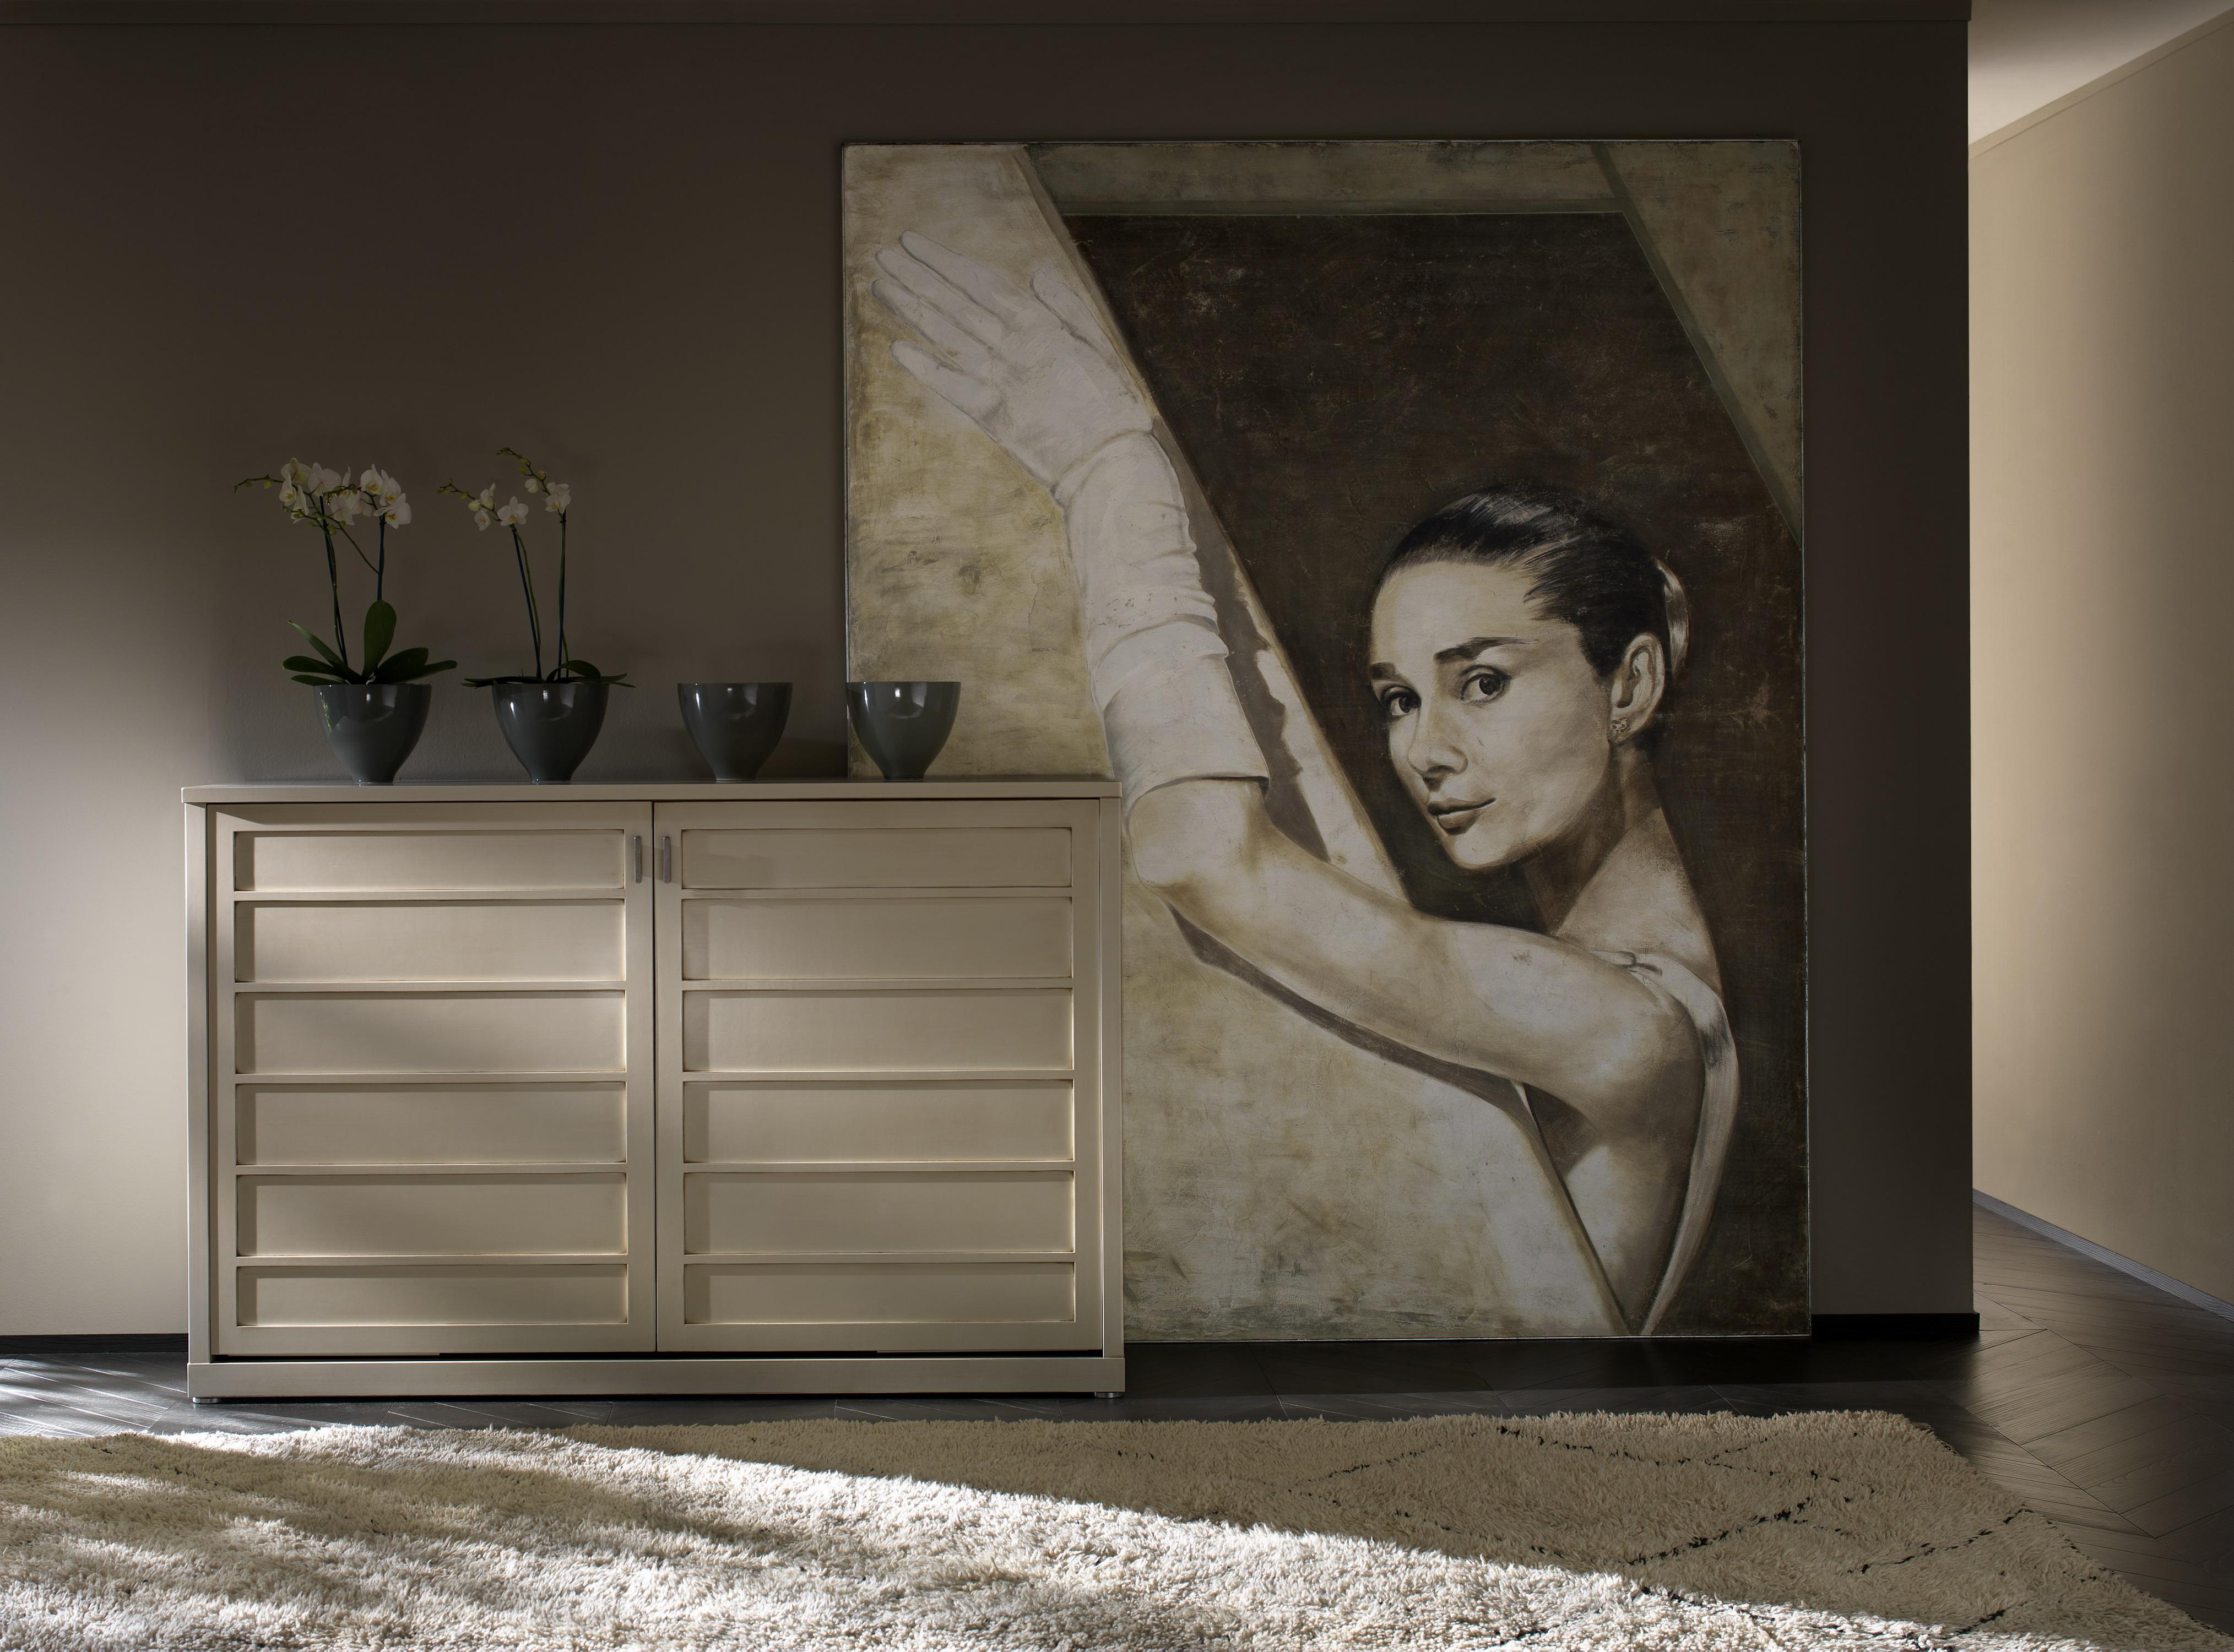 Voglia di nuovo pensa a un affresco moderno il blog dell 39 affresco italian frescos blog - Moderne fresco ...